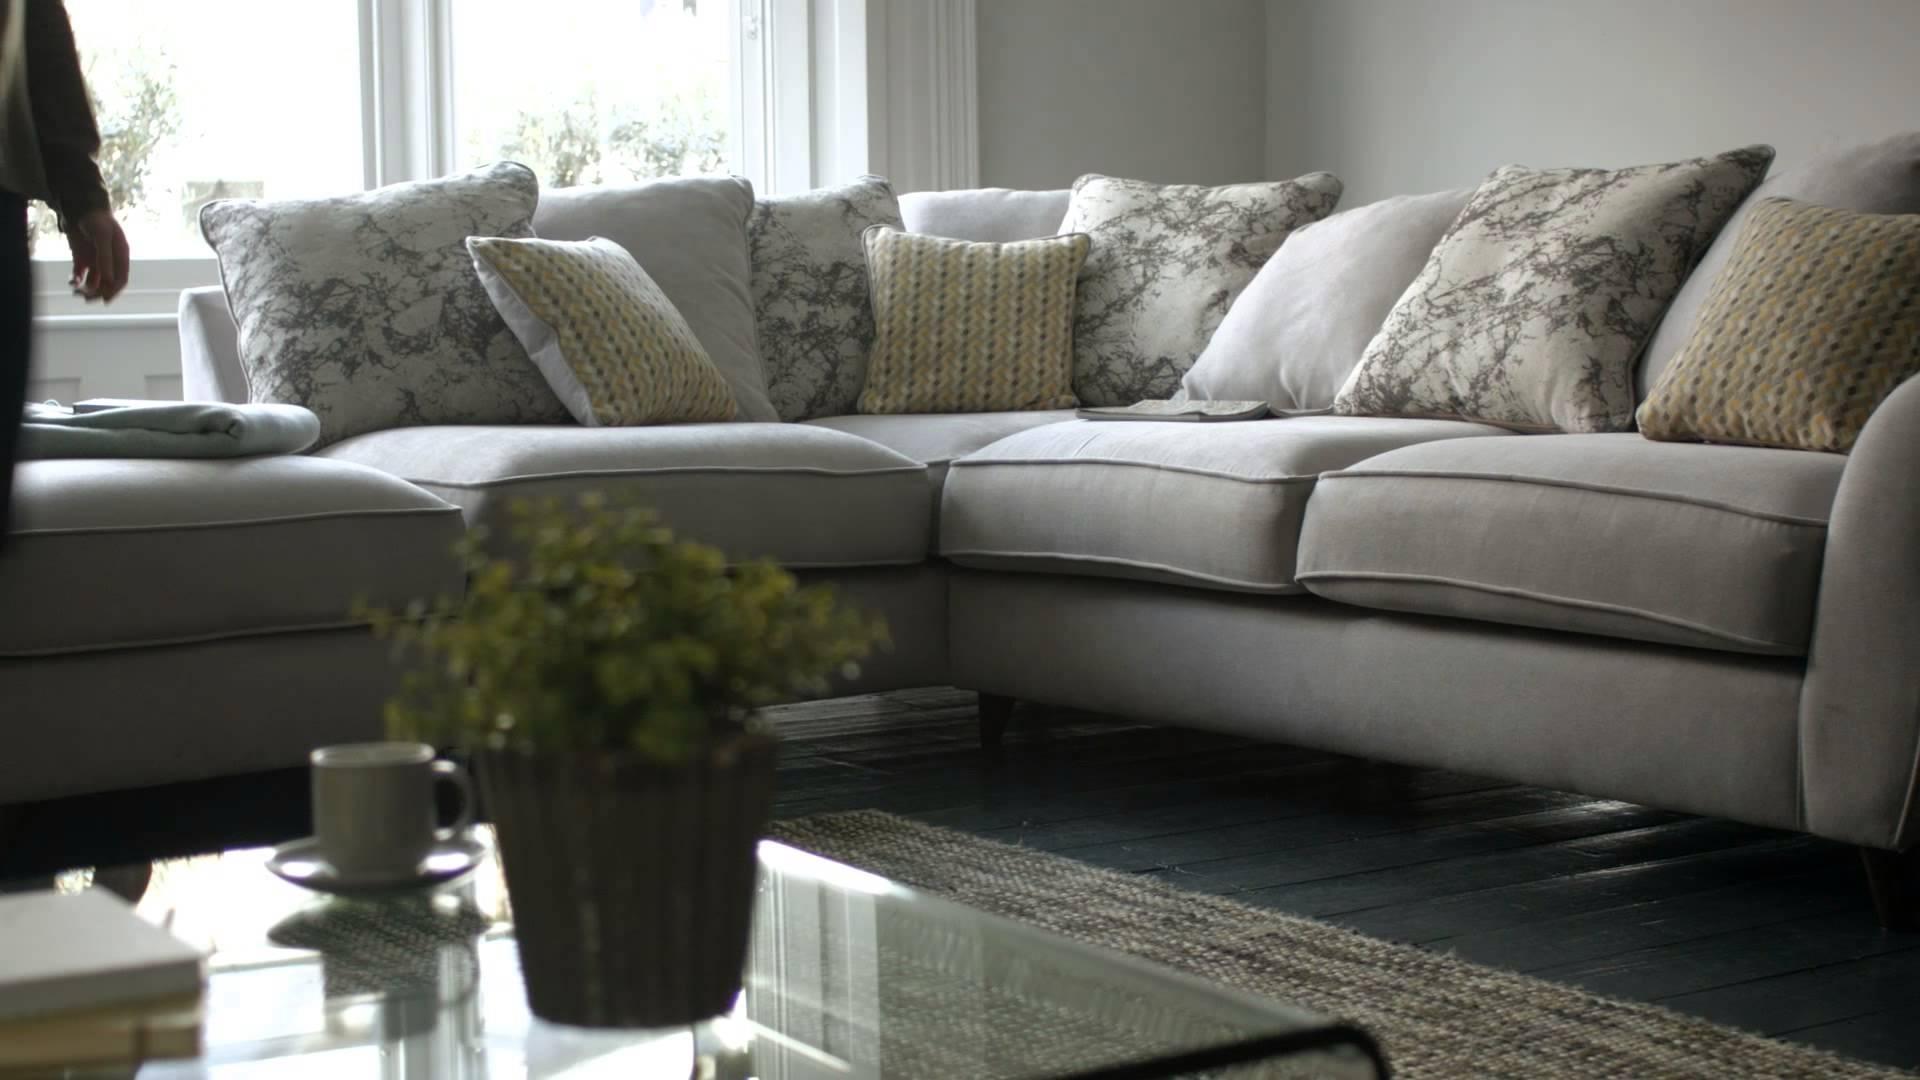 Furniture Village With Regard To Modular Corner Sofas (View 5 of 15)